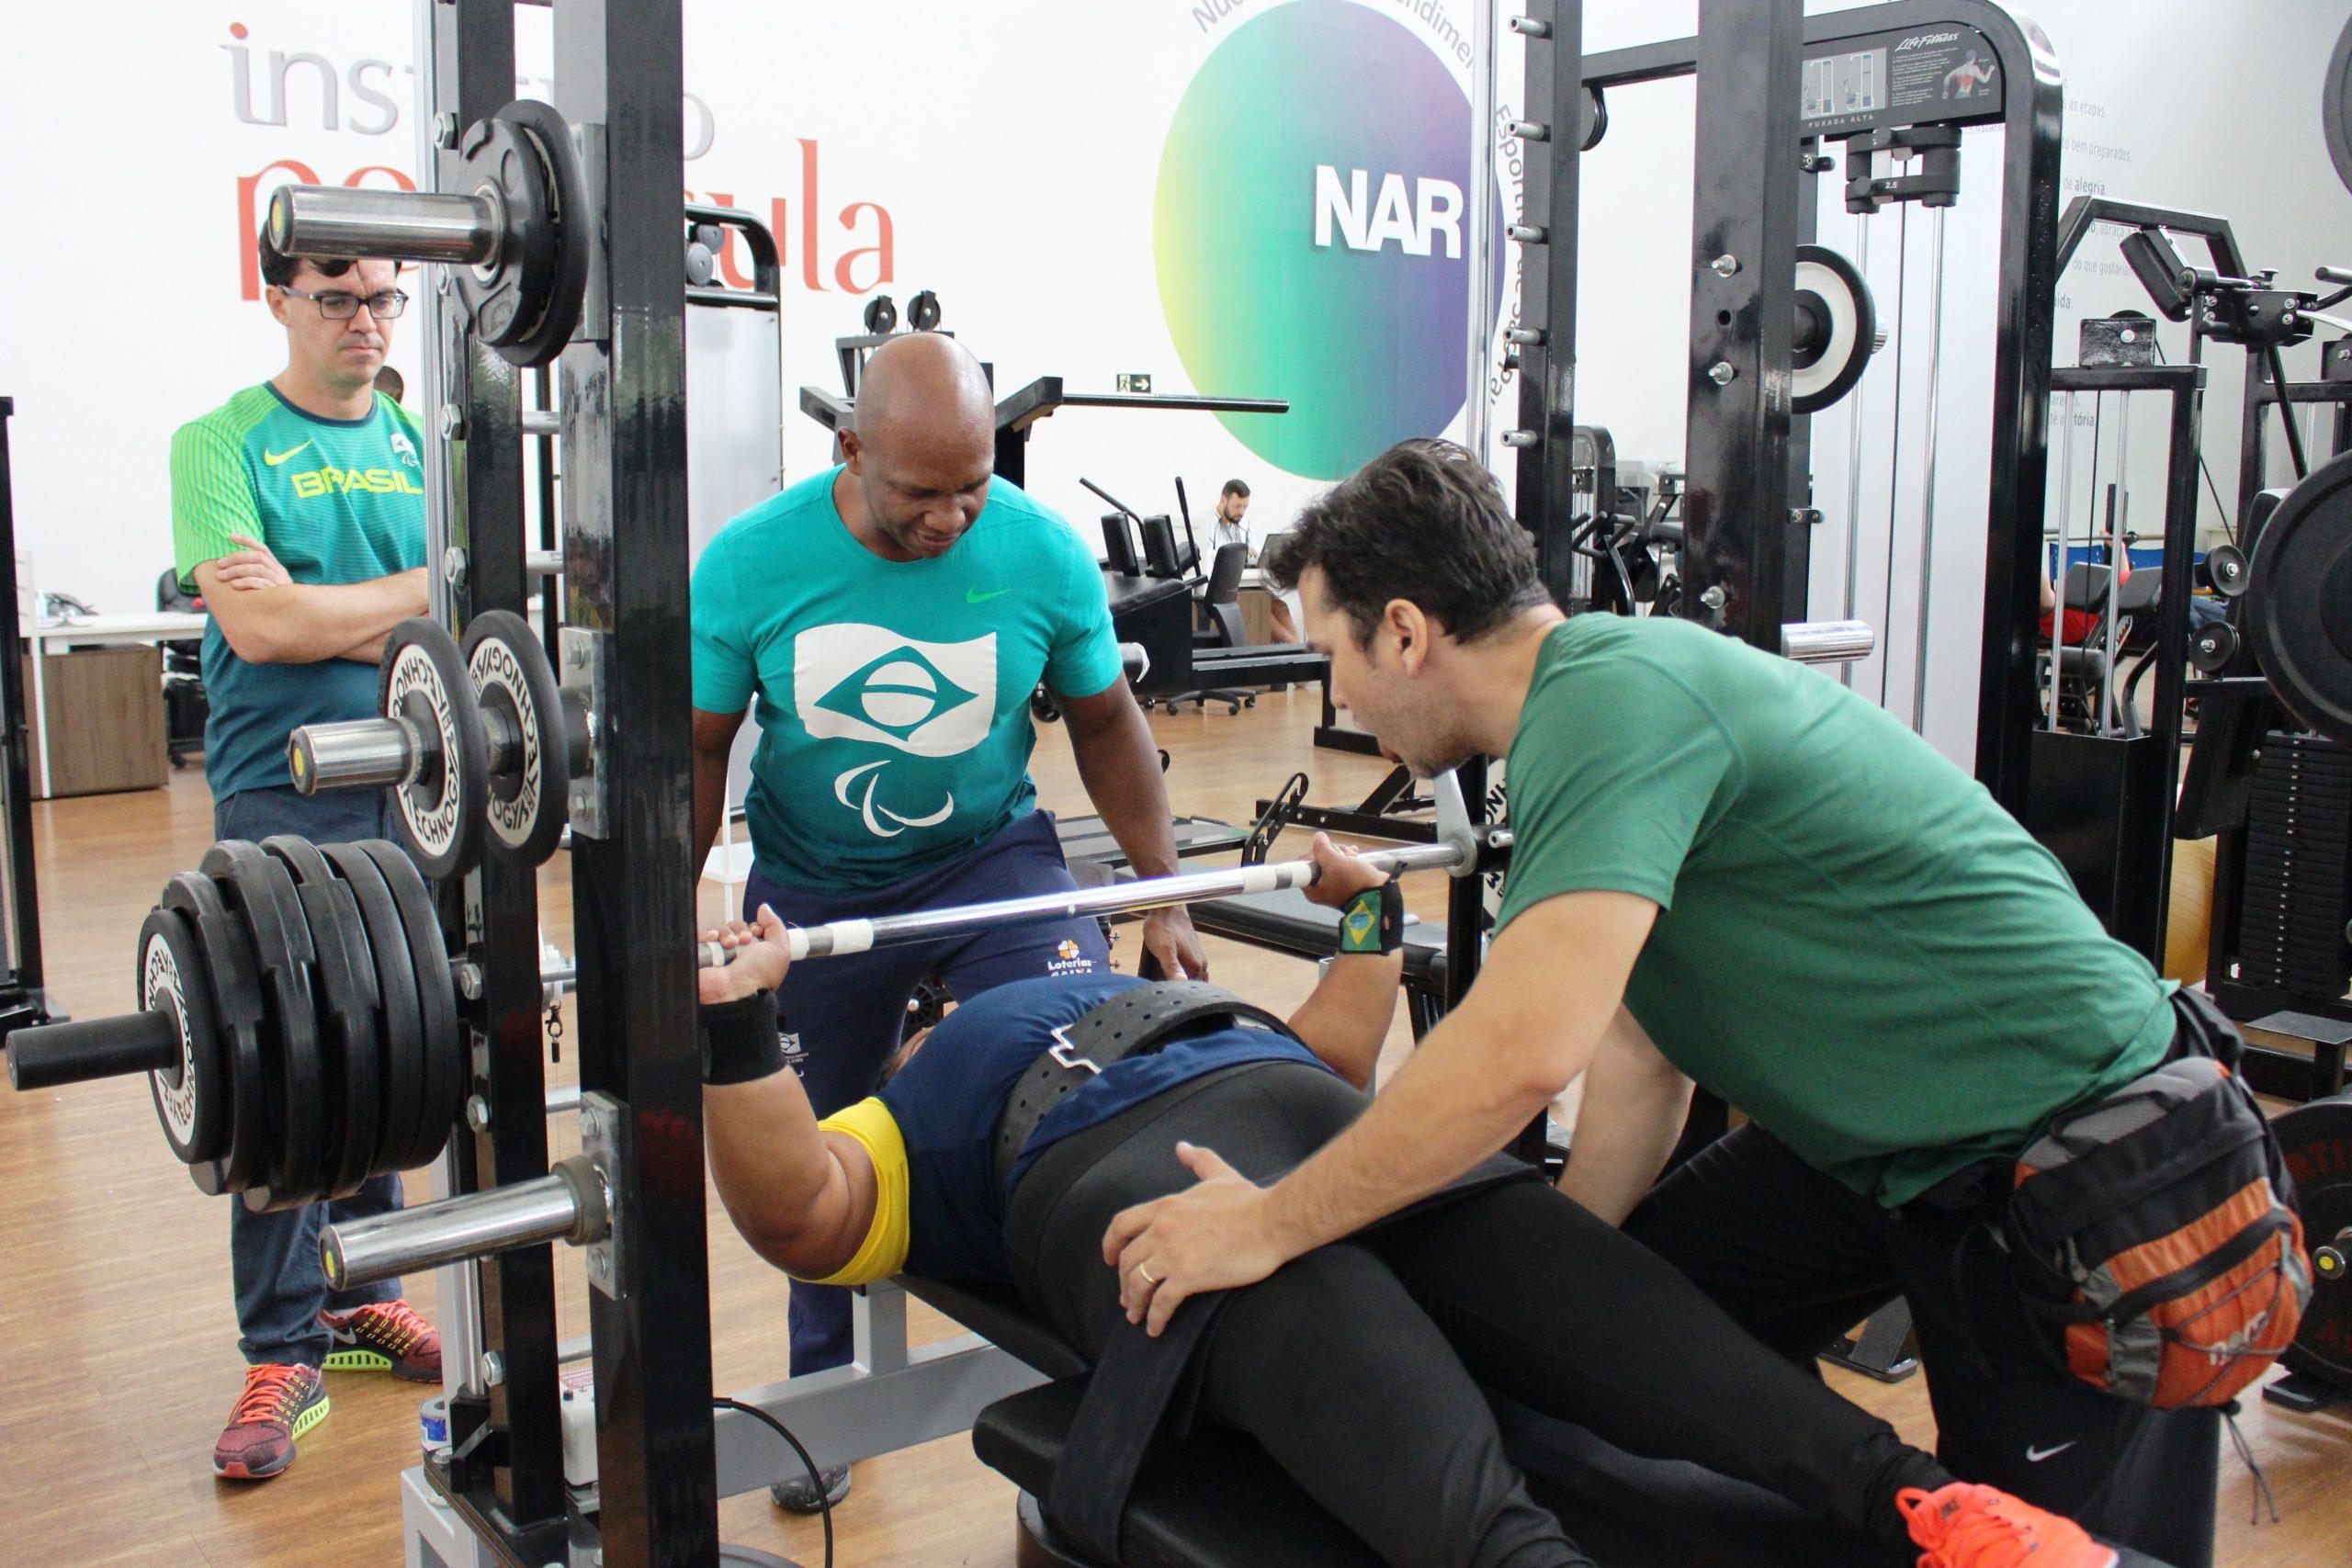 Seleção de halterofilismo paralímpico faz sua estreia no NAR-SP